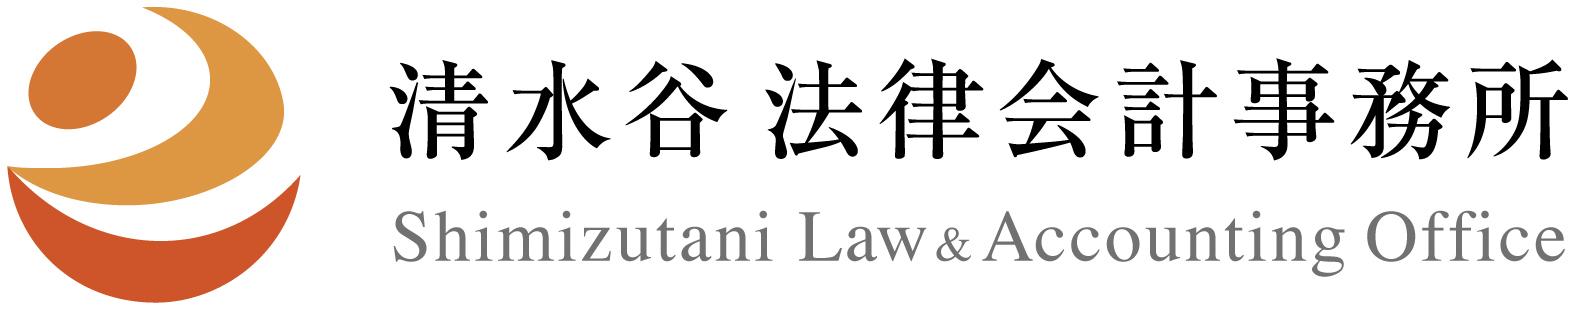 清水谷法律会計事務所